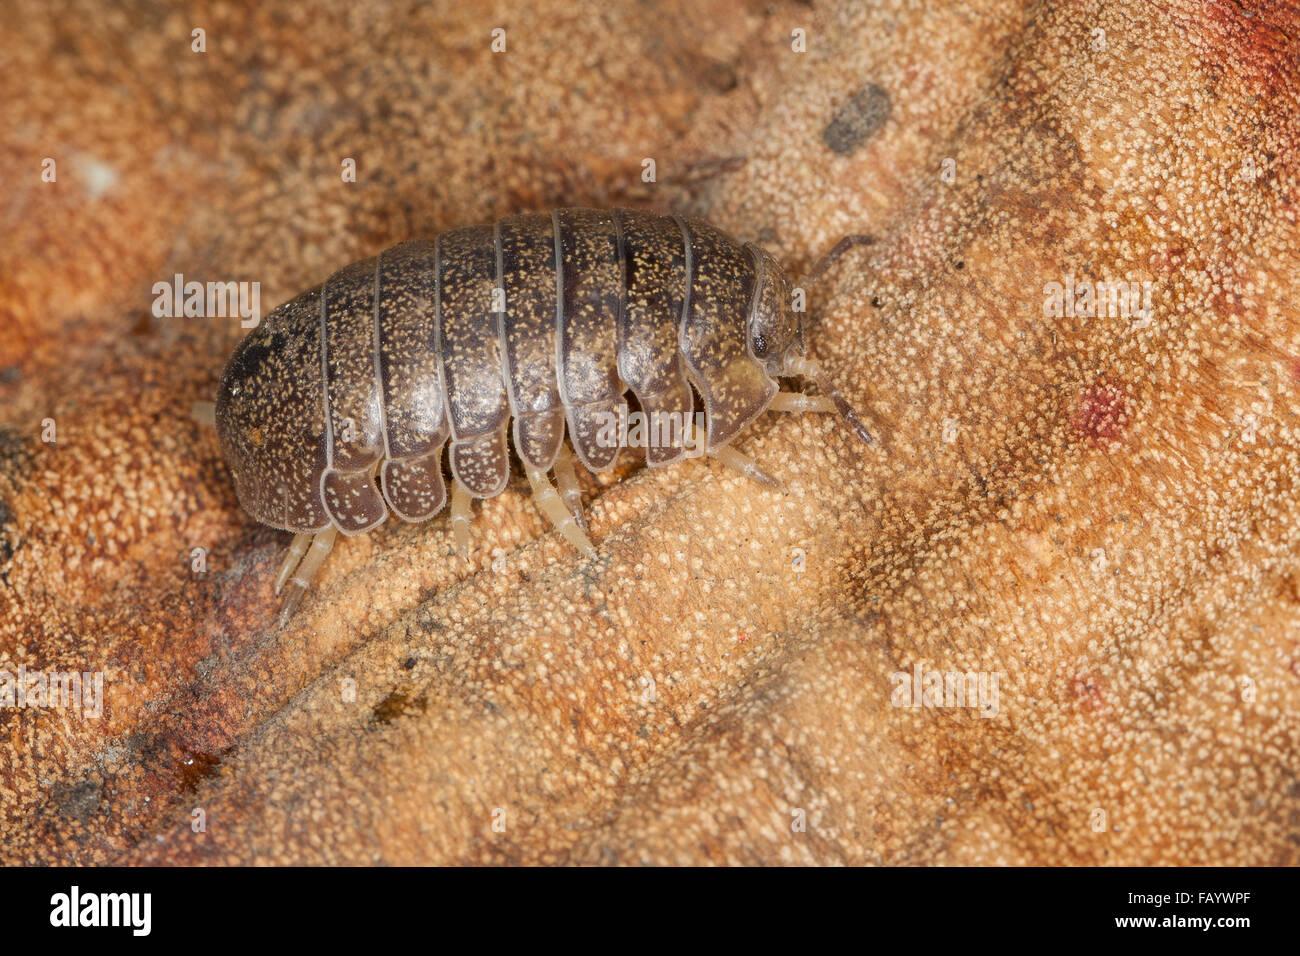 Pillbug, pill bug, Riesen-Rollassel, Riesenrollassel, Große Rollassel, Rollasseln, Helleria brevicornis, Korsika, - Stock Image